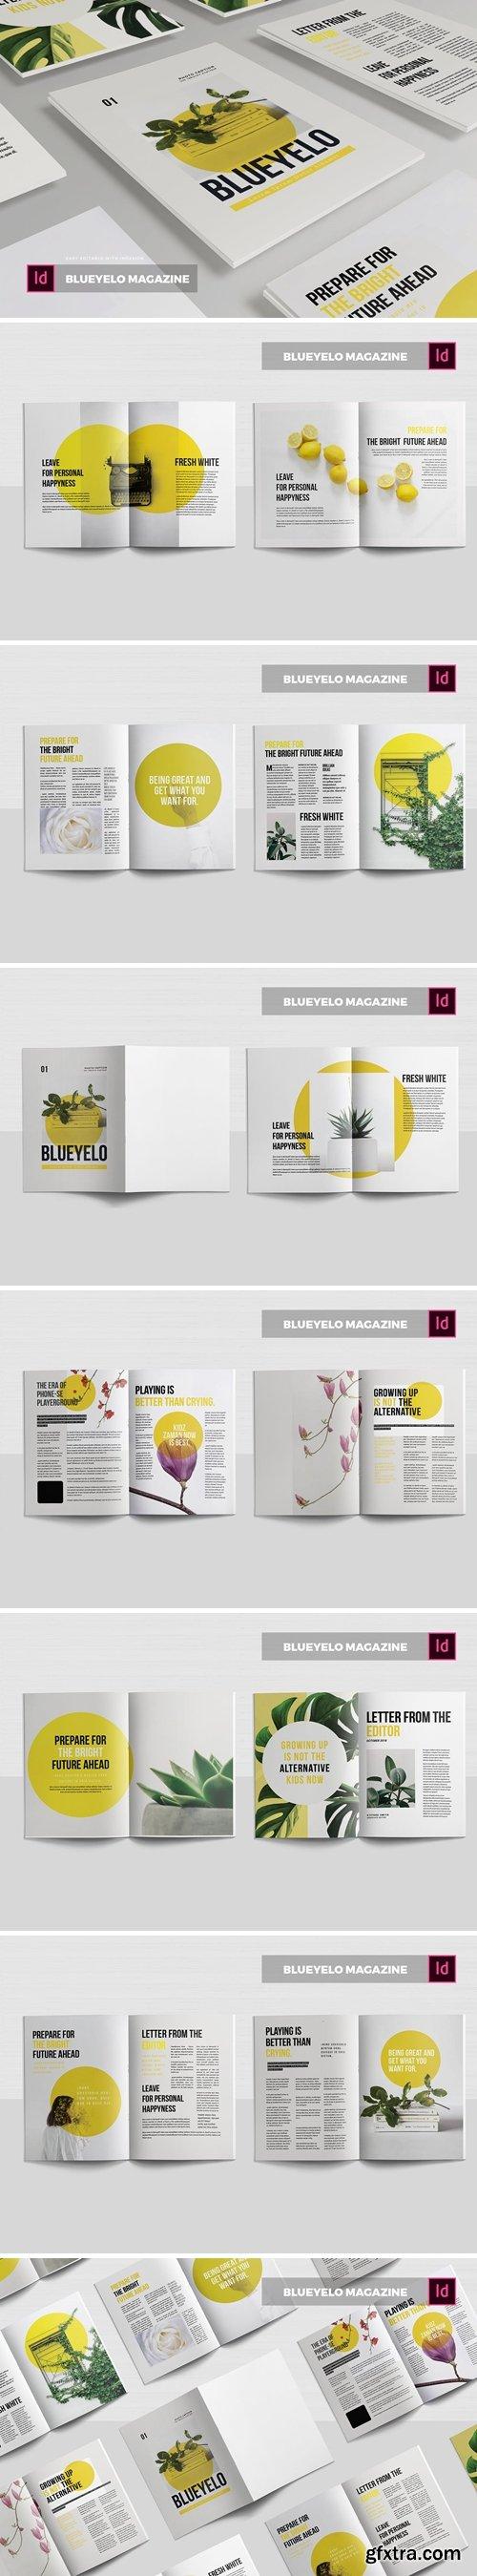 Blueyelo | Magazine